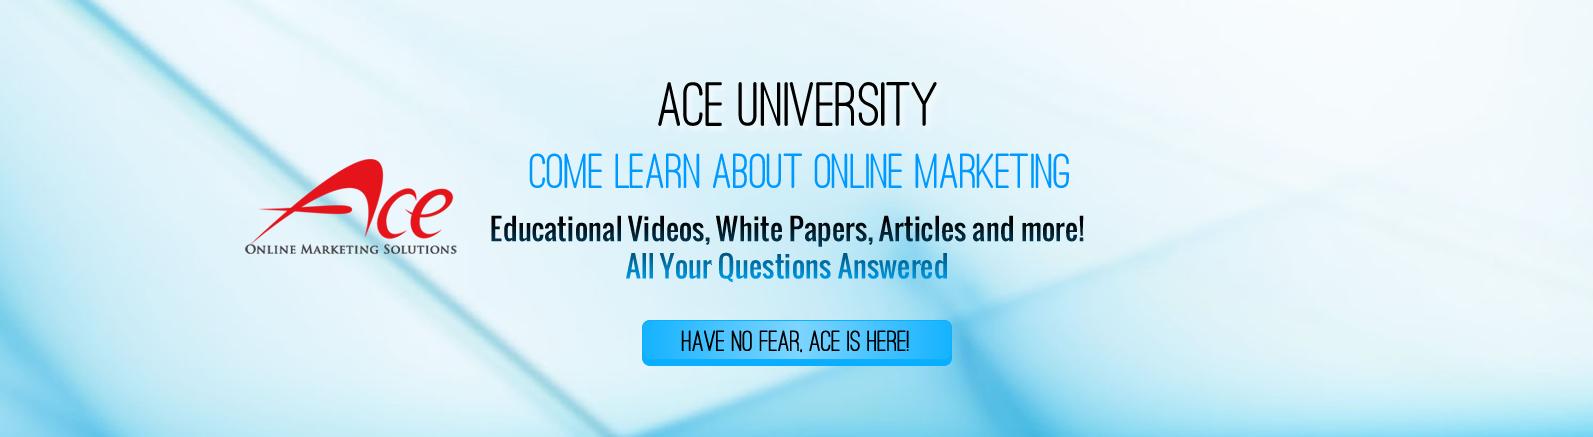 ace_university